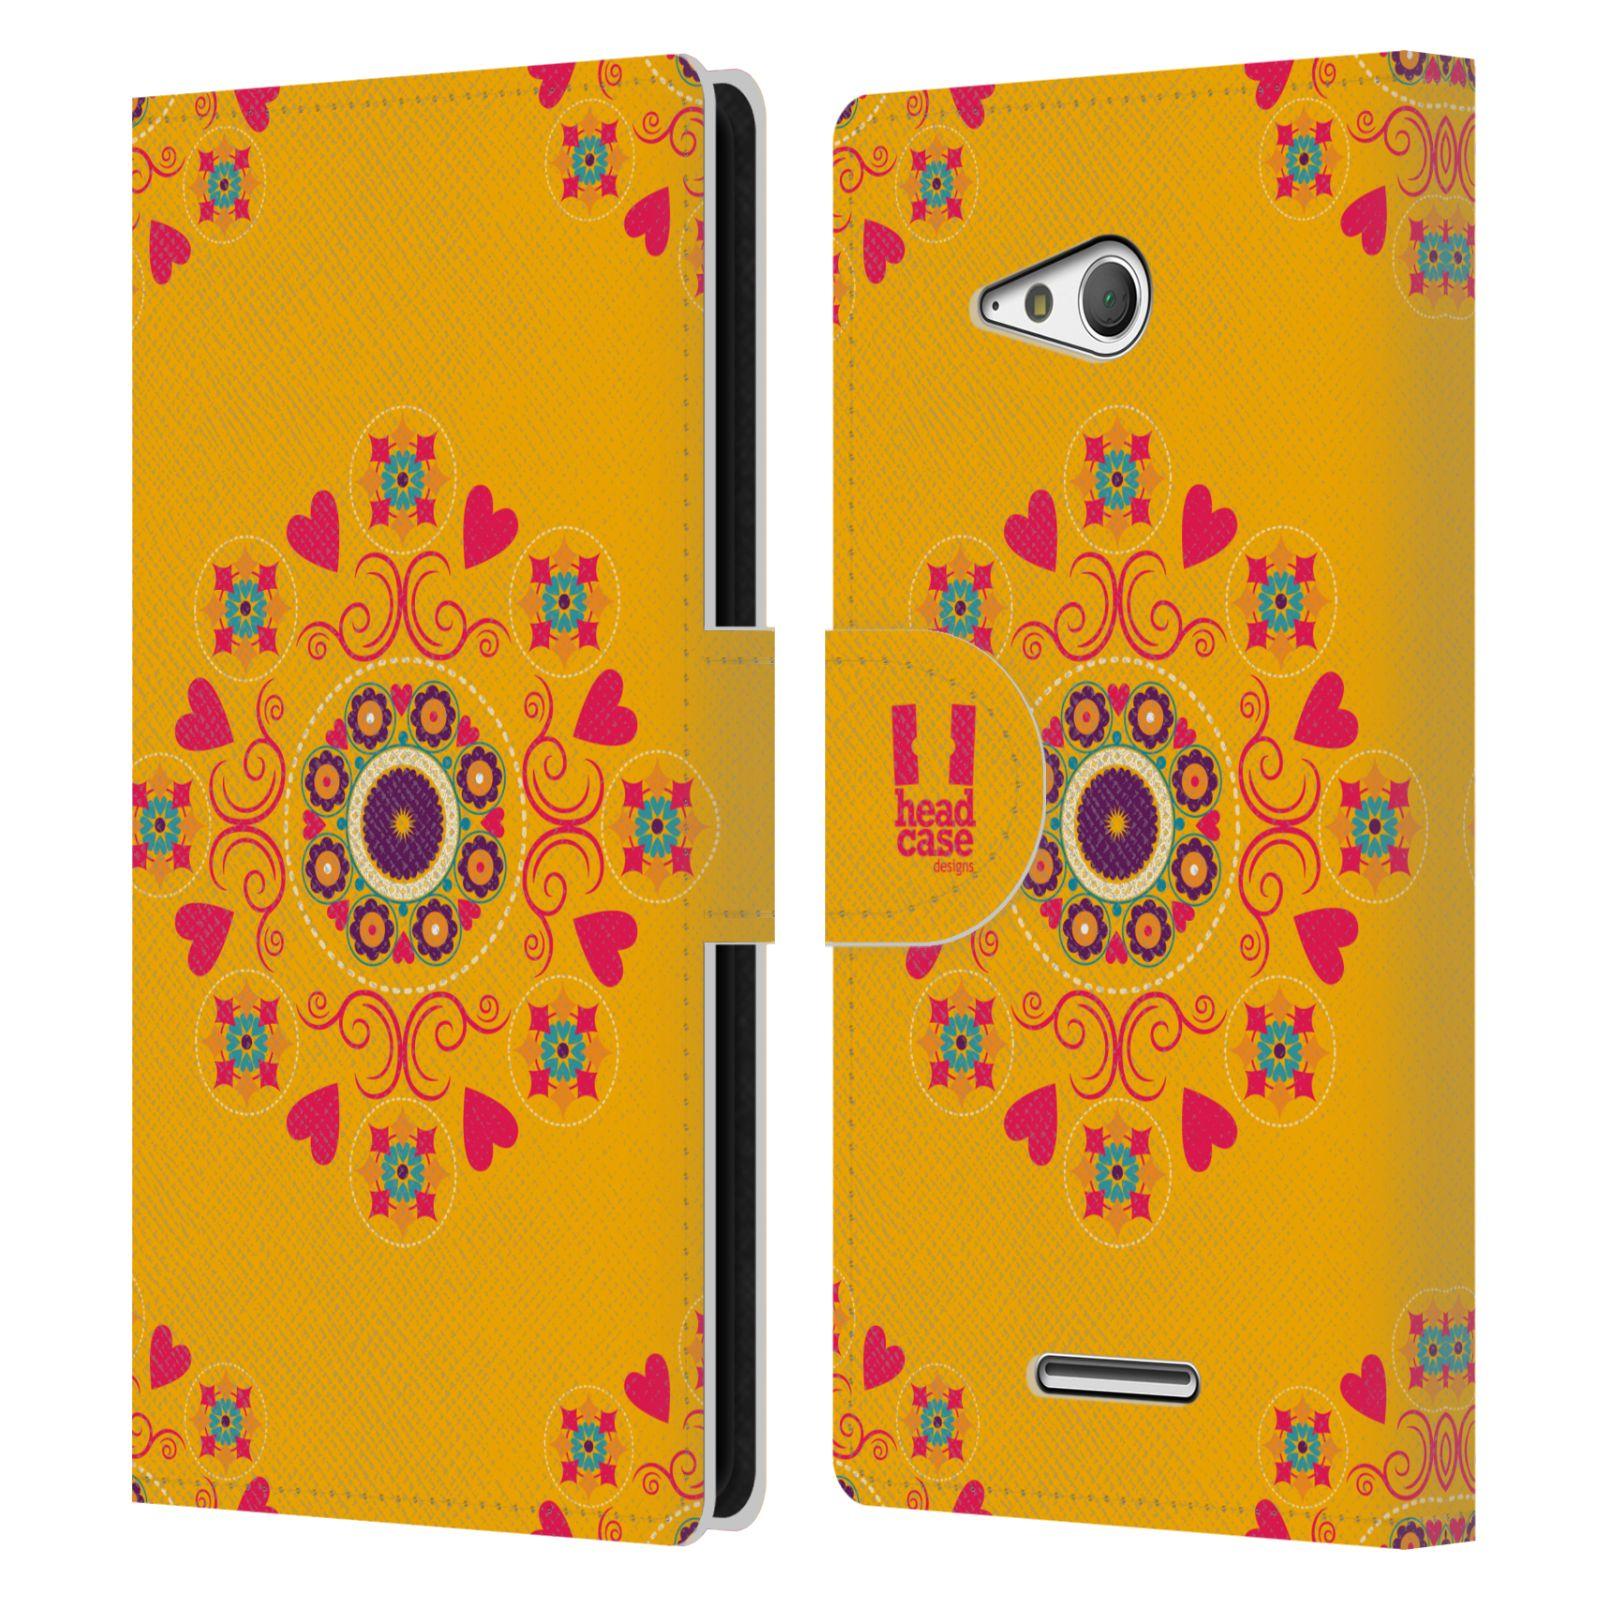 HEAD CASE Flipové pouzdro pro mobil SONY XPERIA E4g Slovanský vzor květiny a srdíčka žlutá